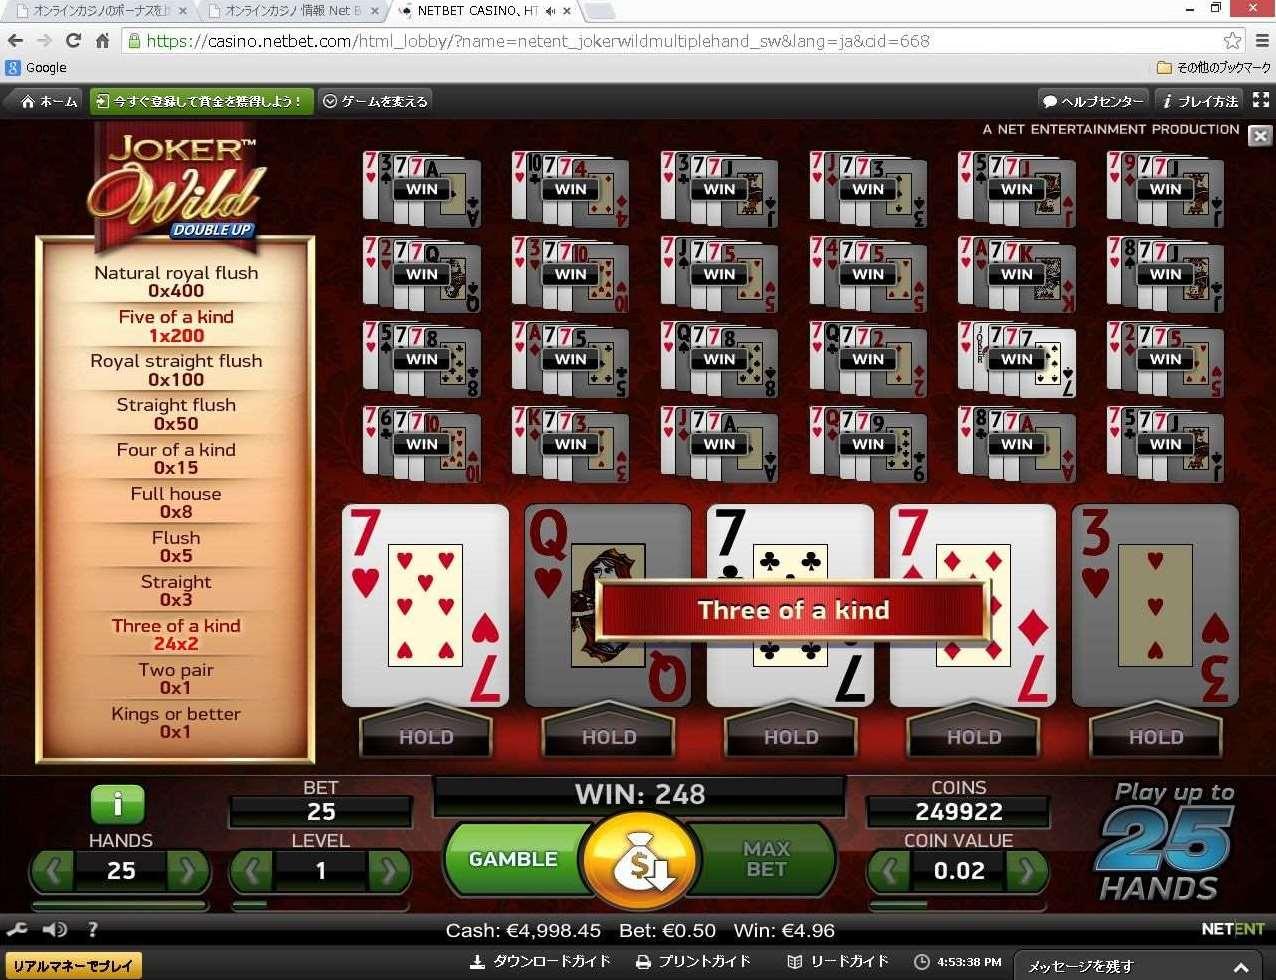 Joker Wild Double up4